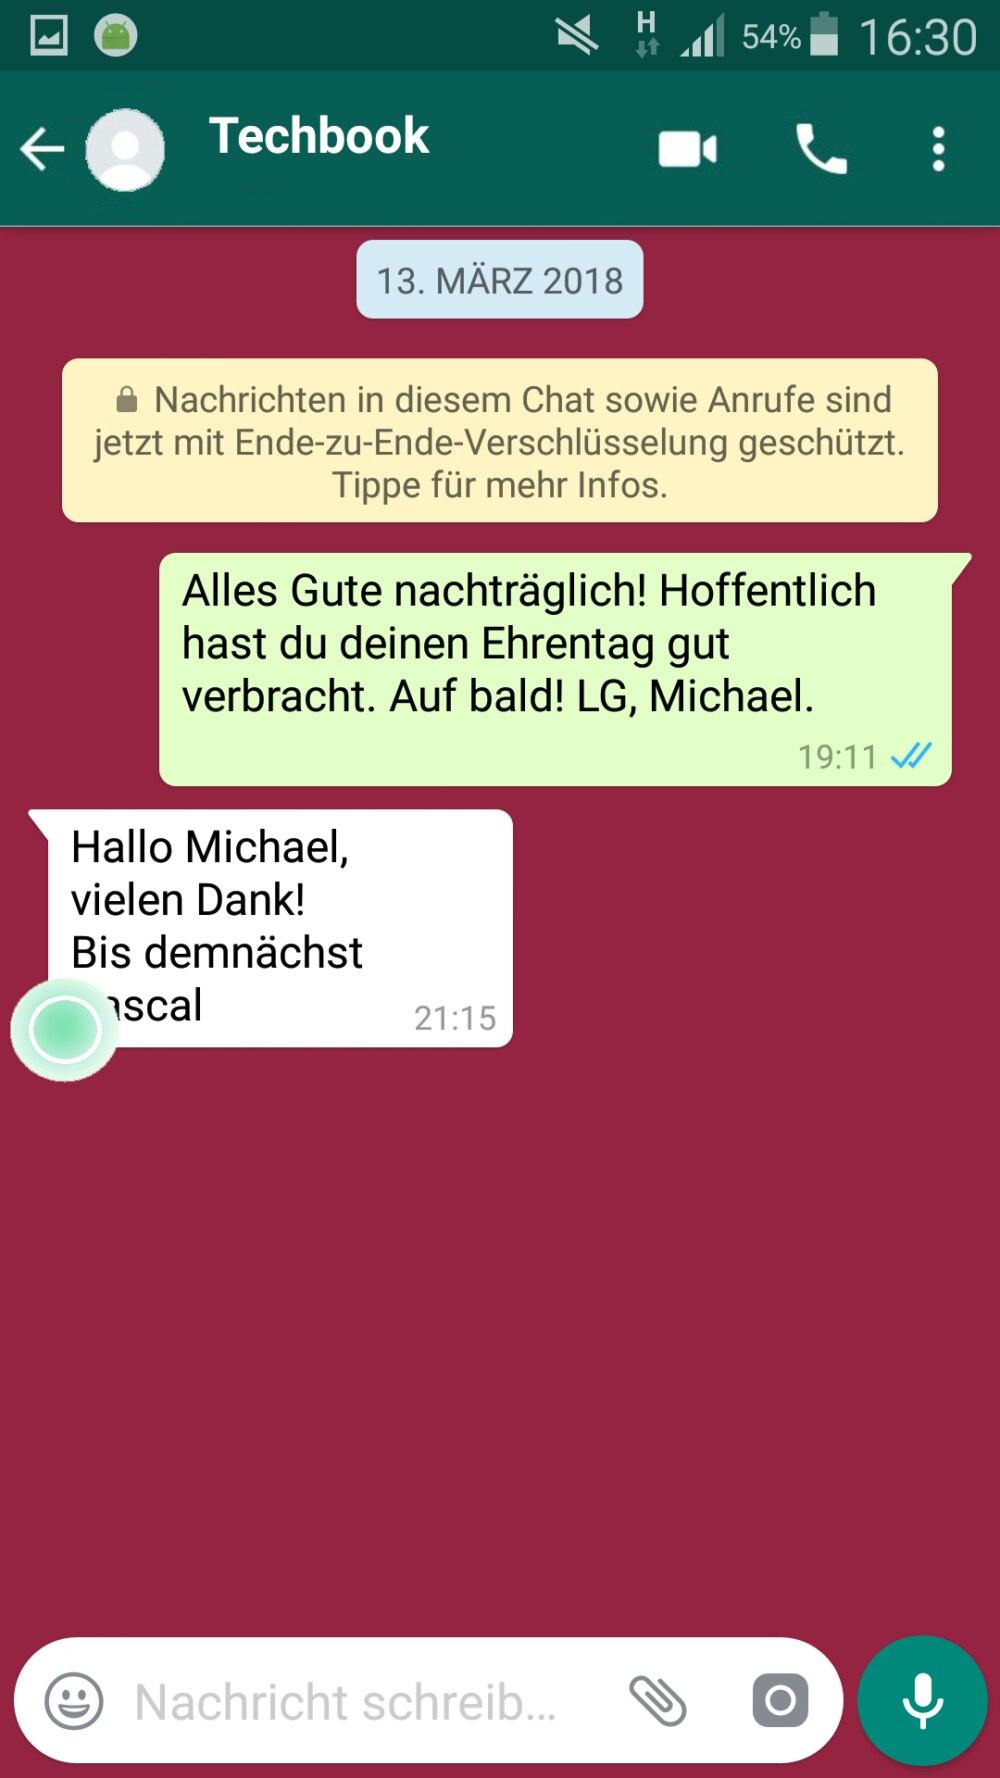 Whatsapp profilbilder verbergen